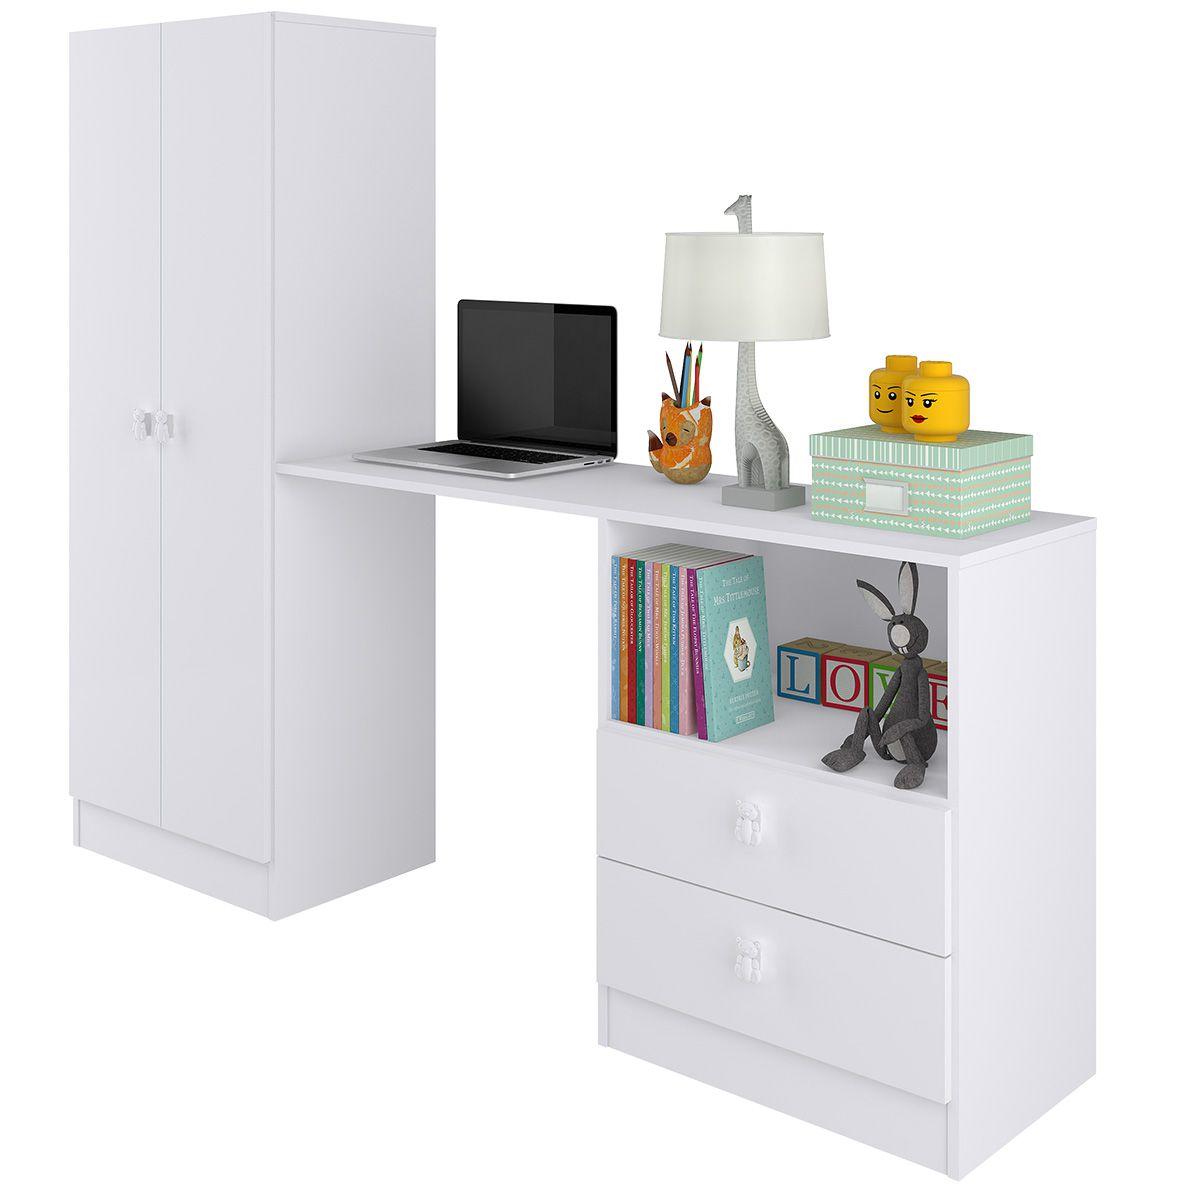 Roupeiro Multifuncional Meu Fofinho 02 Portas 02 Gavetas Branco - Art In Móveis